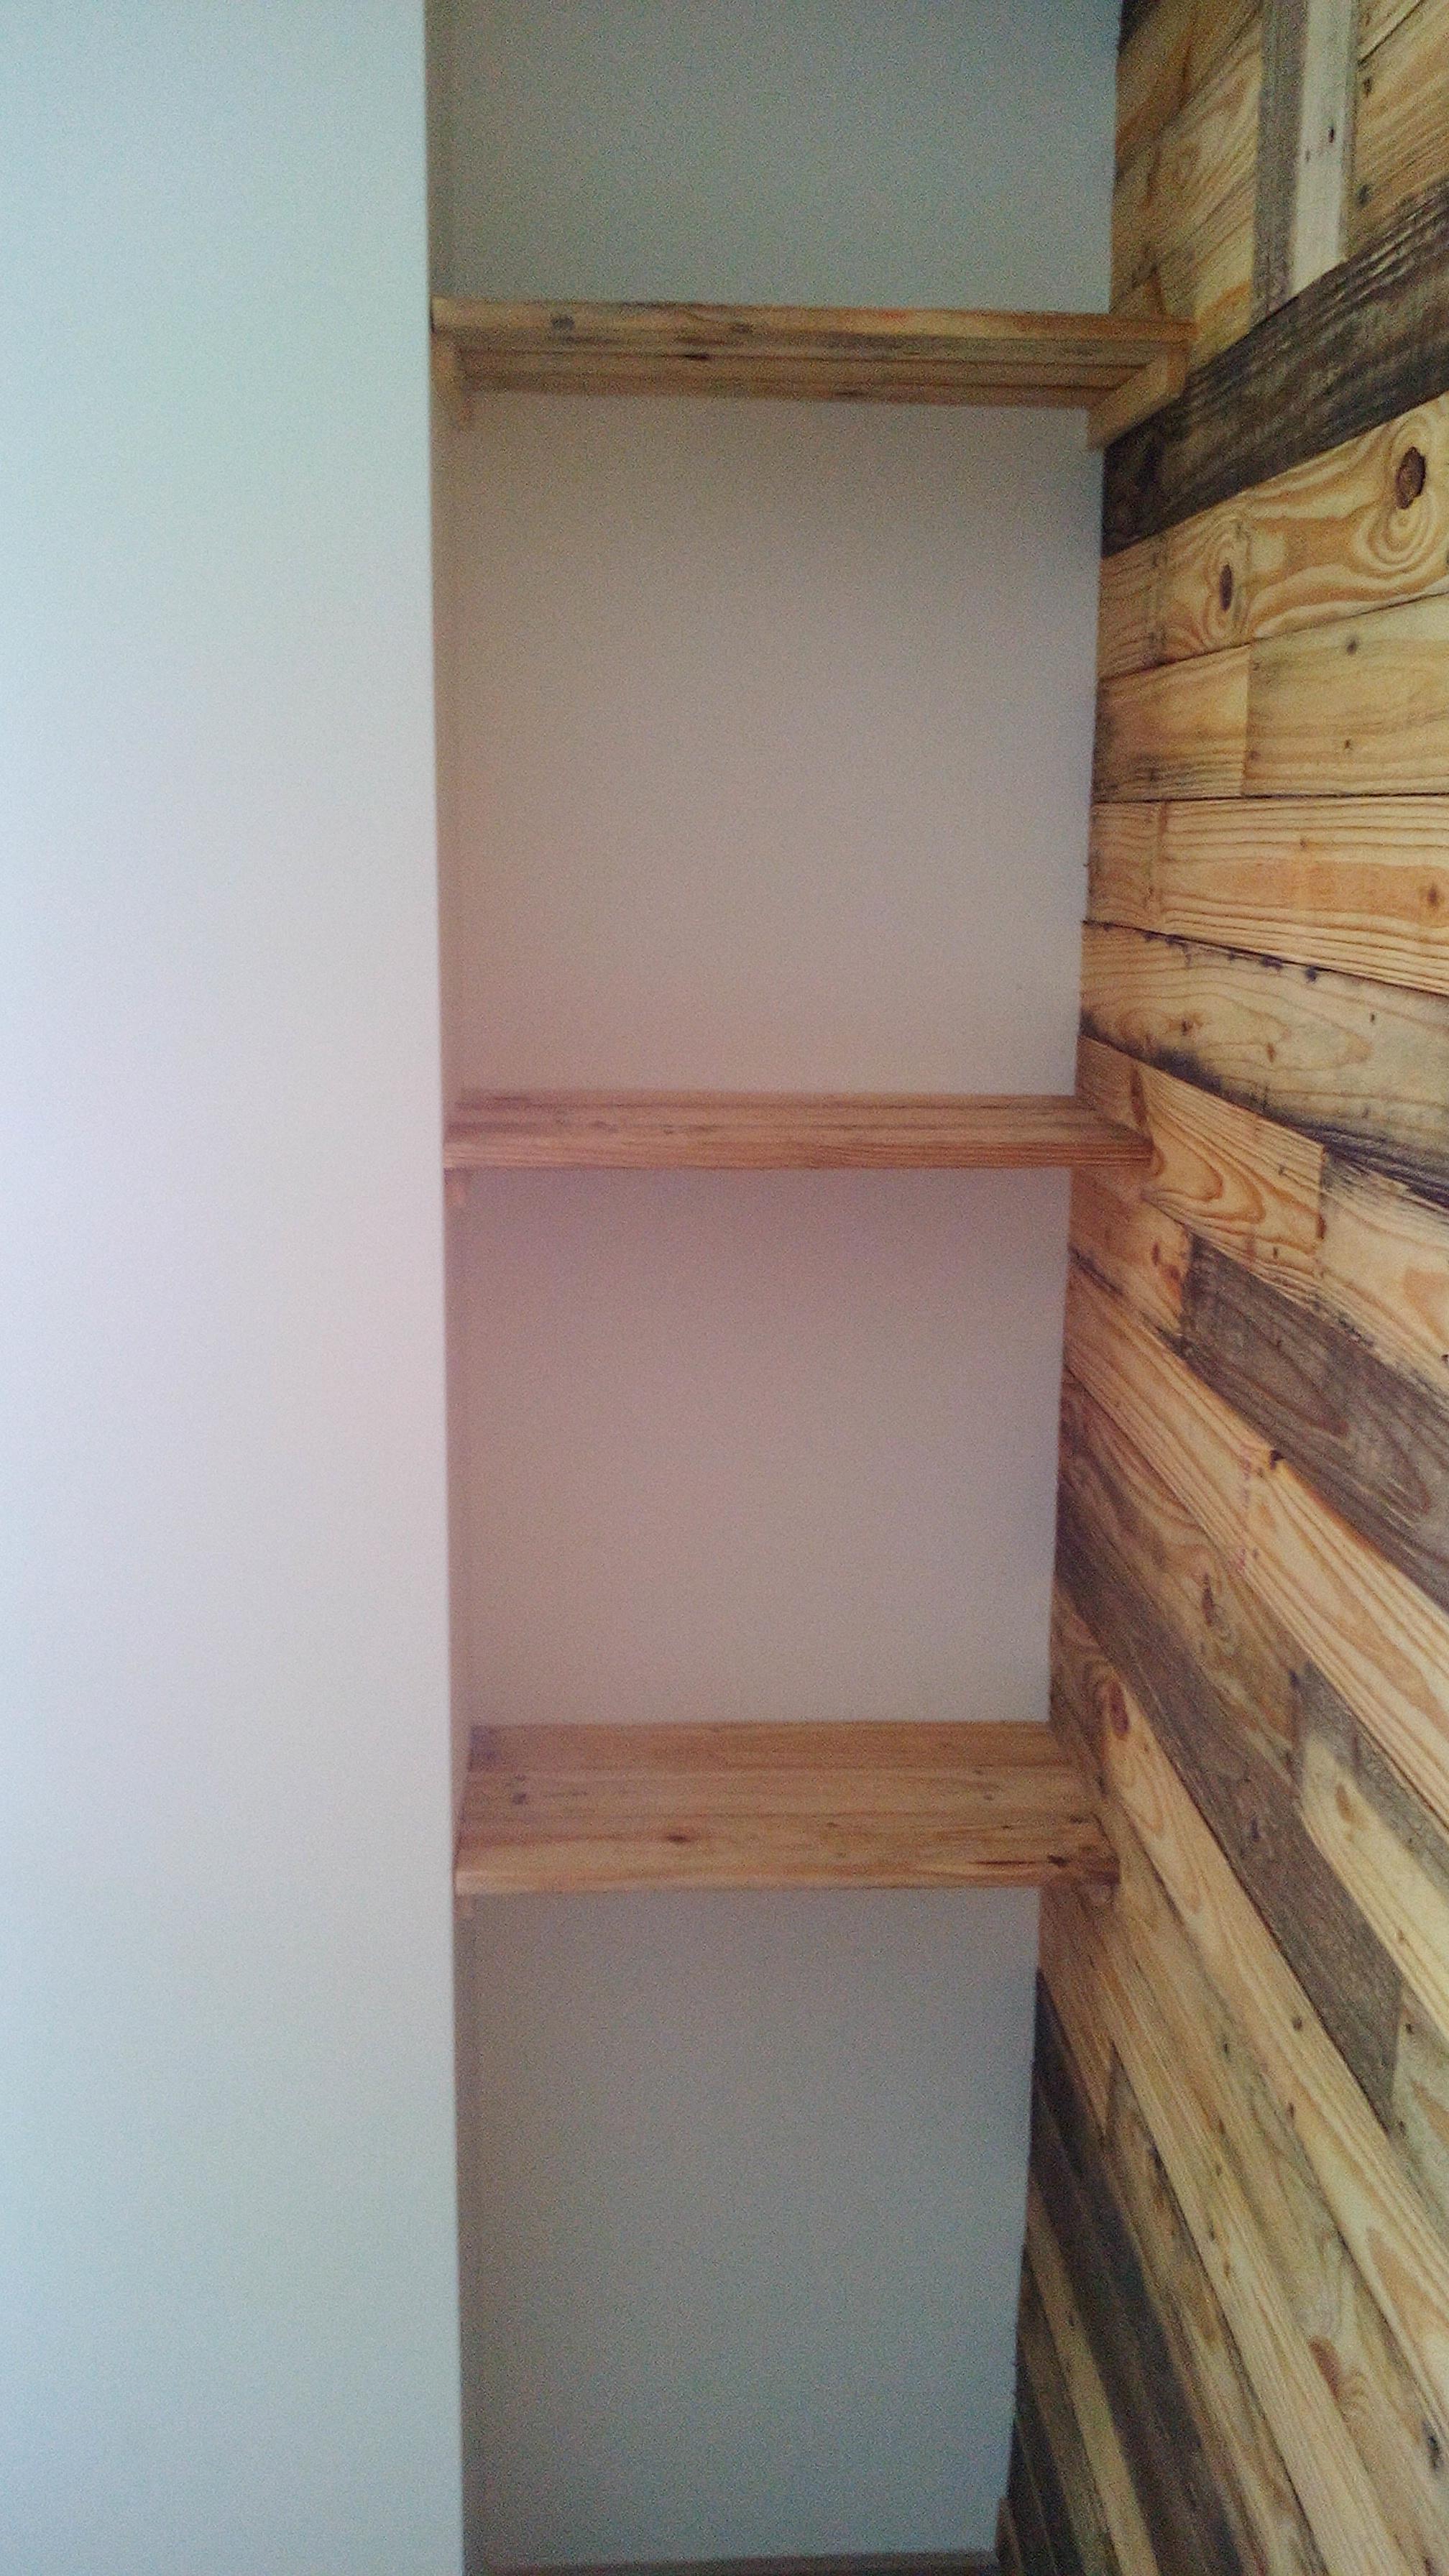 estanterias con madera de palet | San Xuan - restauraciones & decoración